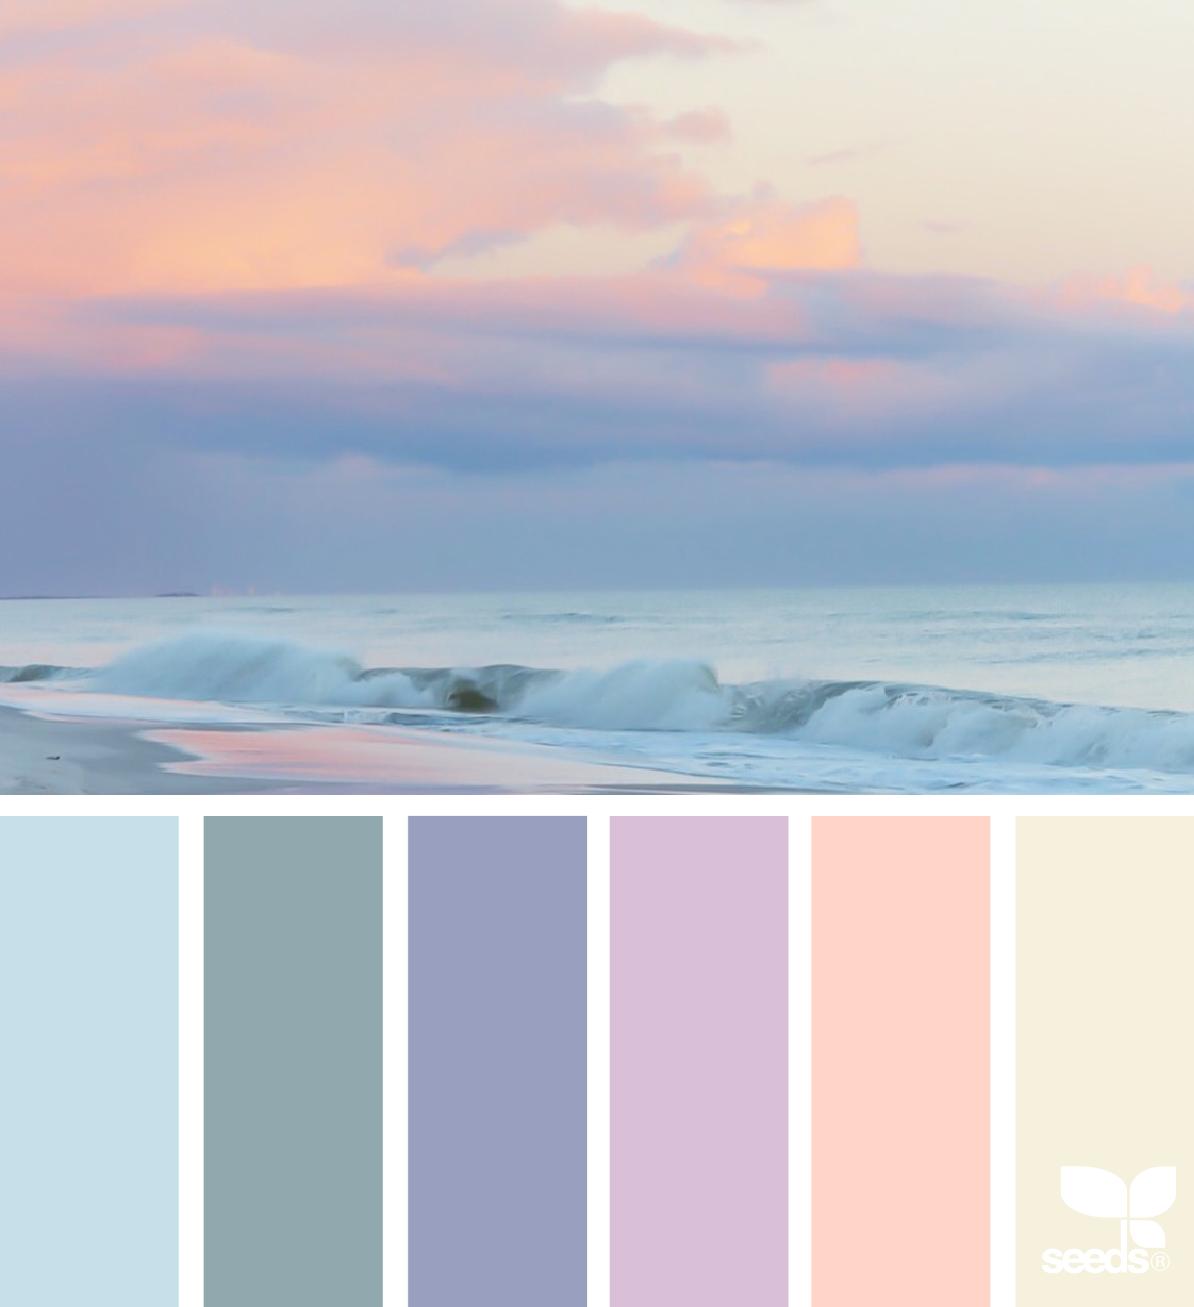 { color set } - https://www.design-seeds.com/in-nature/heavens/color-set-12